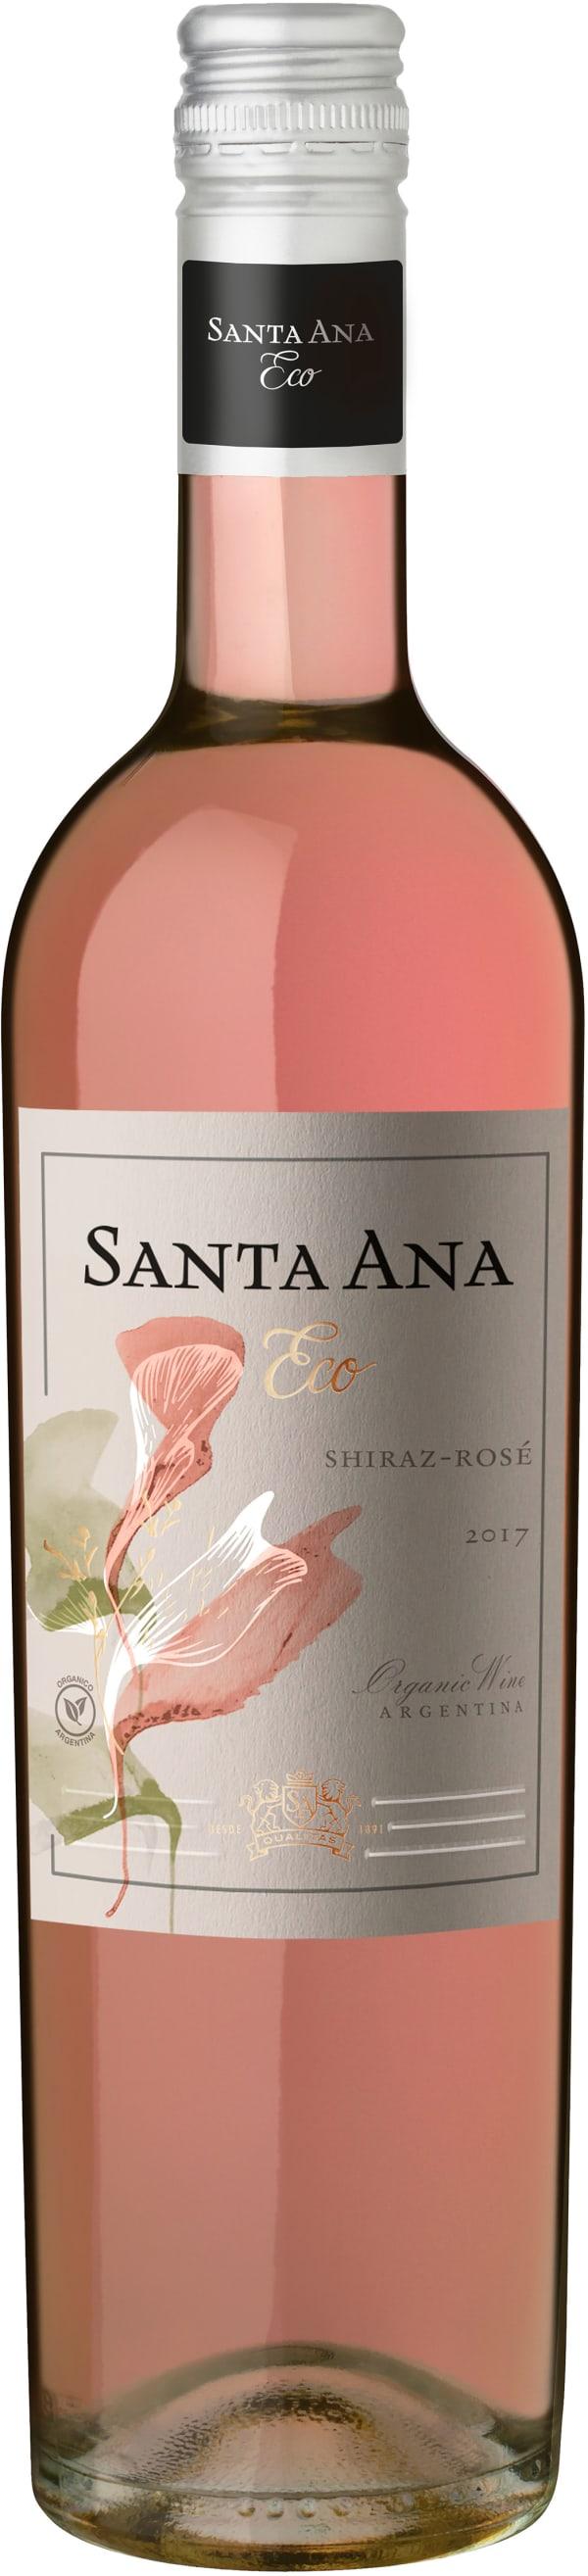 Santa Ana Organic Shiraz Rosé 2016